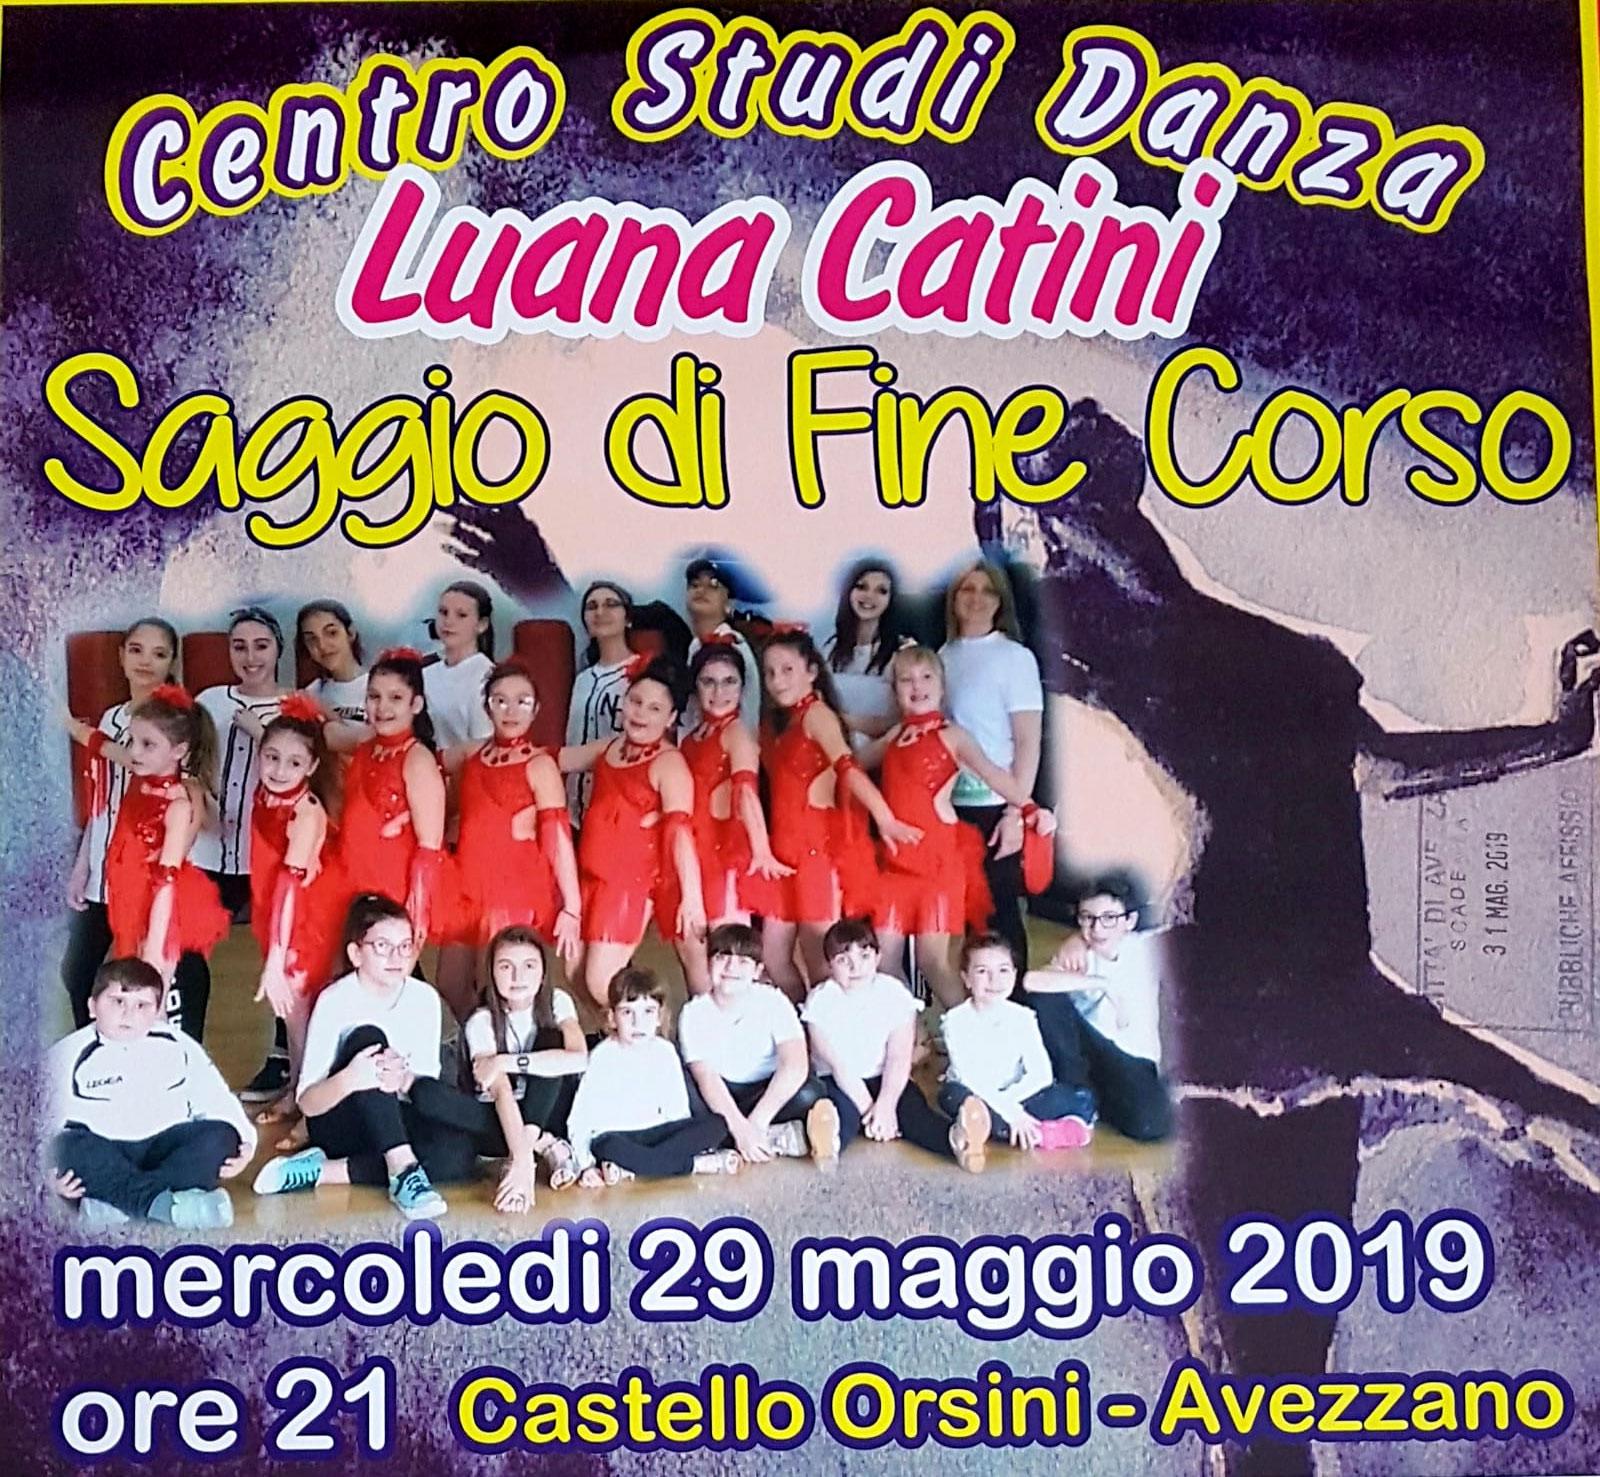 Danza, saggio di fine corso al castello Orsini